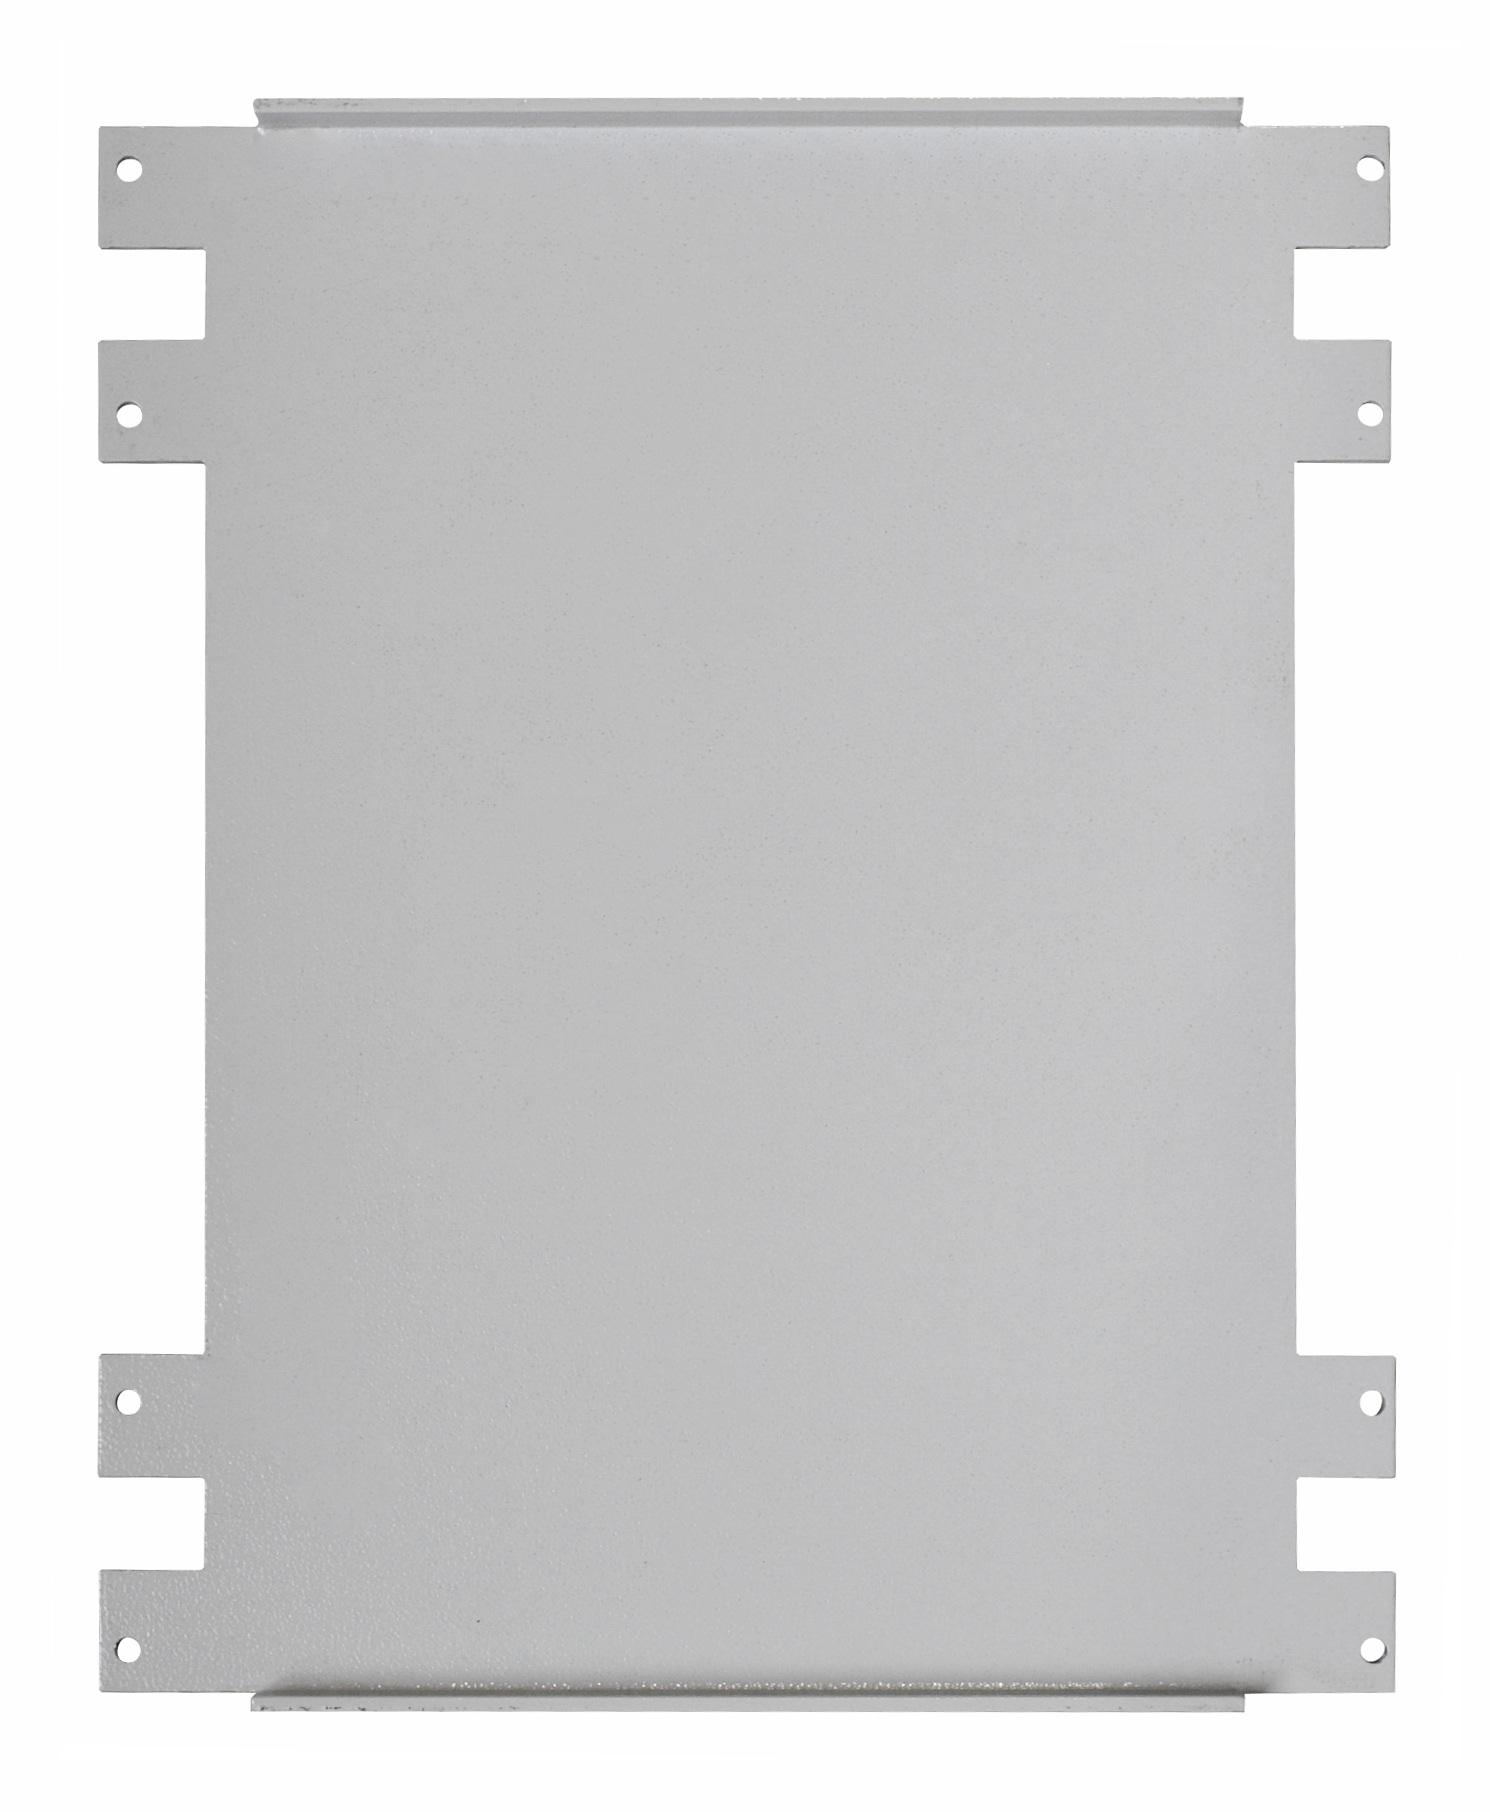 1 Stk Montageplatte 1ZP, 240x294x13mm, 7 Modulhöhen IL080111-G